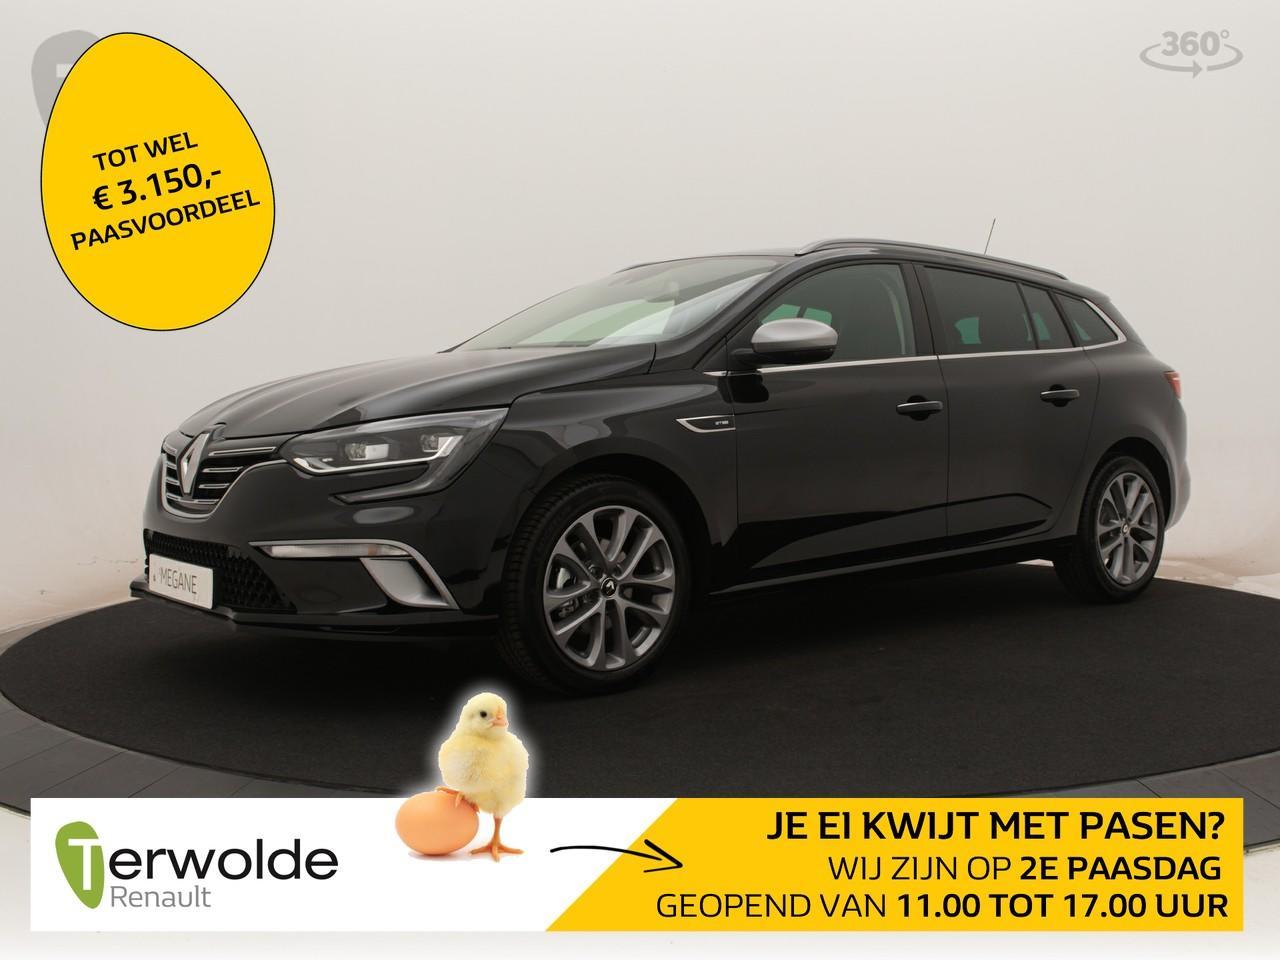 Renault Mégane Estate 140tce gt-line nieuw en uit voorraad leverbaar ! financieren tegen 2,9 rente ! € 3.459,- korting !